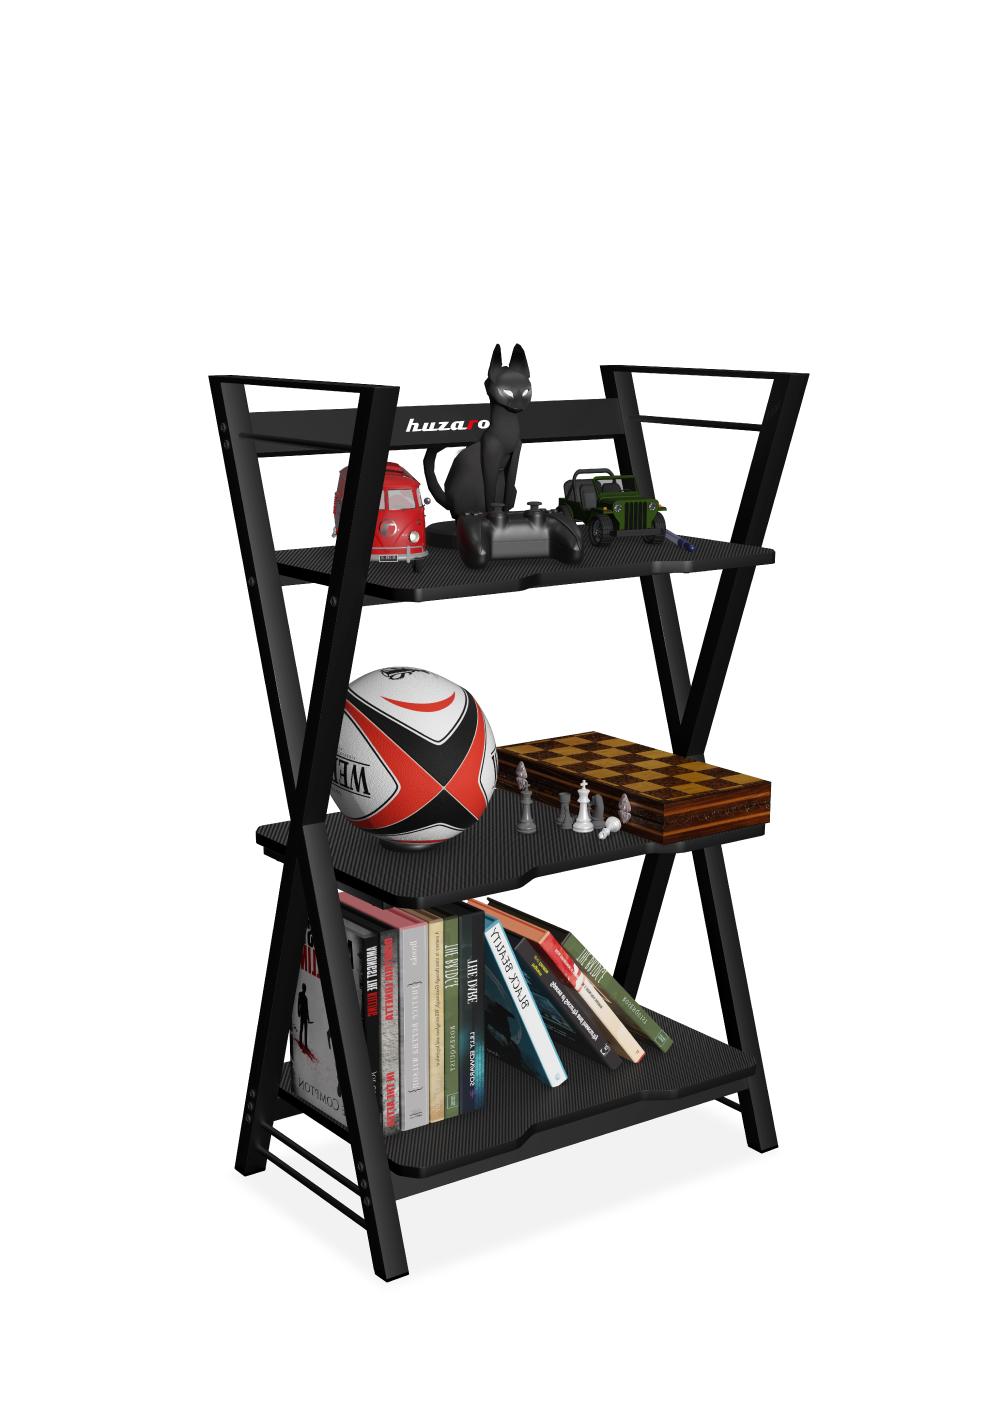 Regał Huzaro Iron 3.0 Black pokazujący możliwości rozmieszczenia akcesoriów gamingowych na półkach